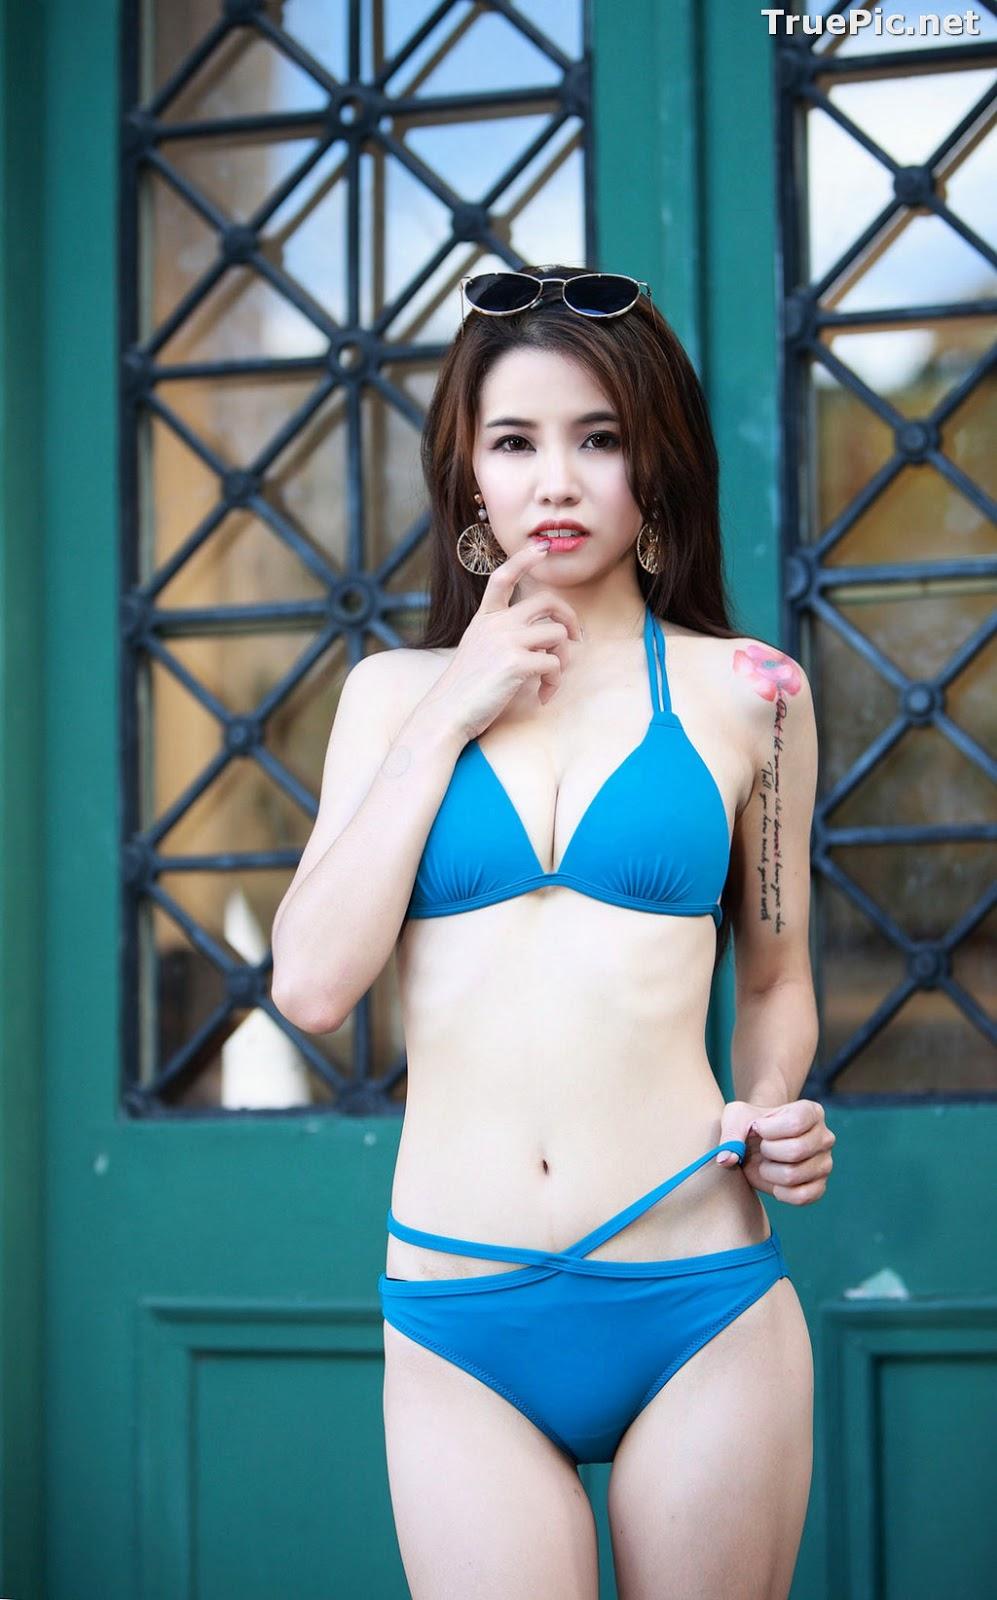 Image Taiwanese Beautiful Model - Debby Chiu - Blue Sexy Bikini - TruePic.net - Picture-5